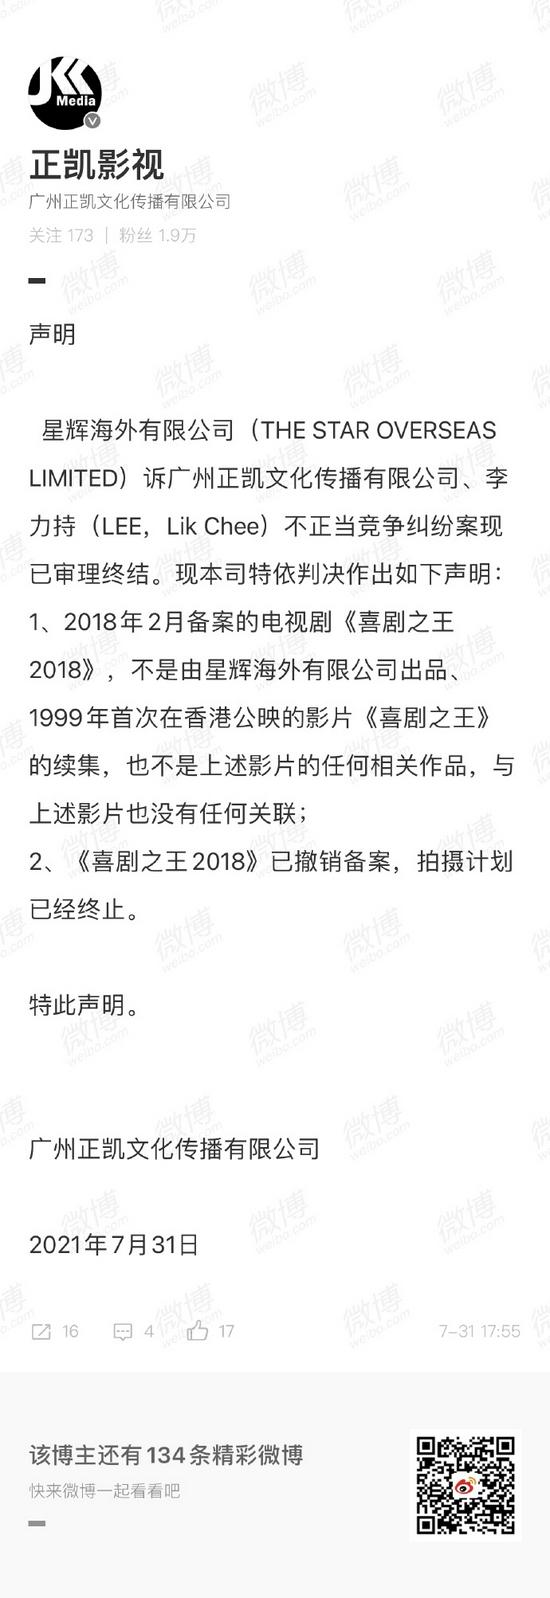 《喜剧之王2018》已撤销备案